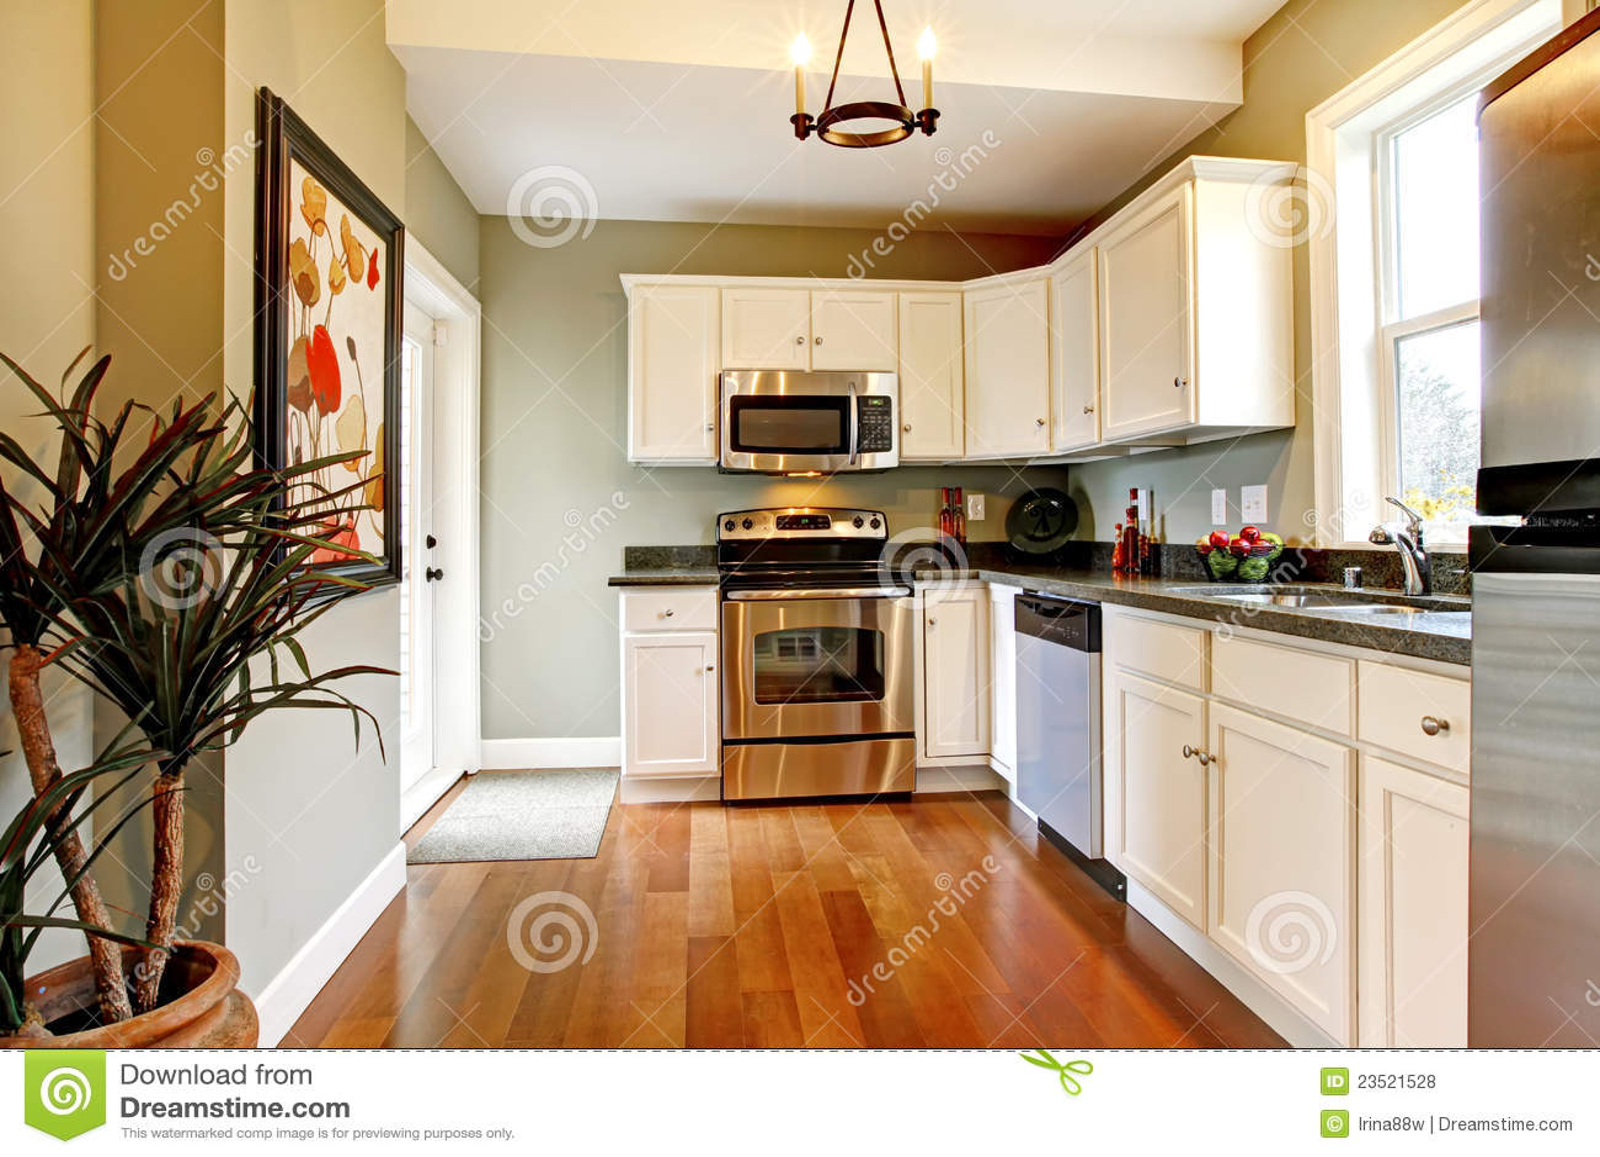 Cucina Bianca E Verde Elegante Con Il Pavimento Della Ciliegia Fotografia Stock  Immagine di